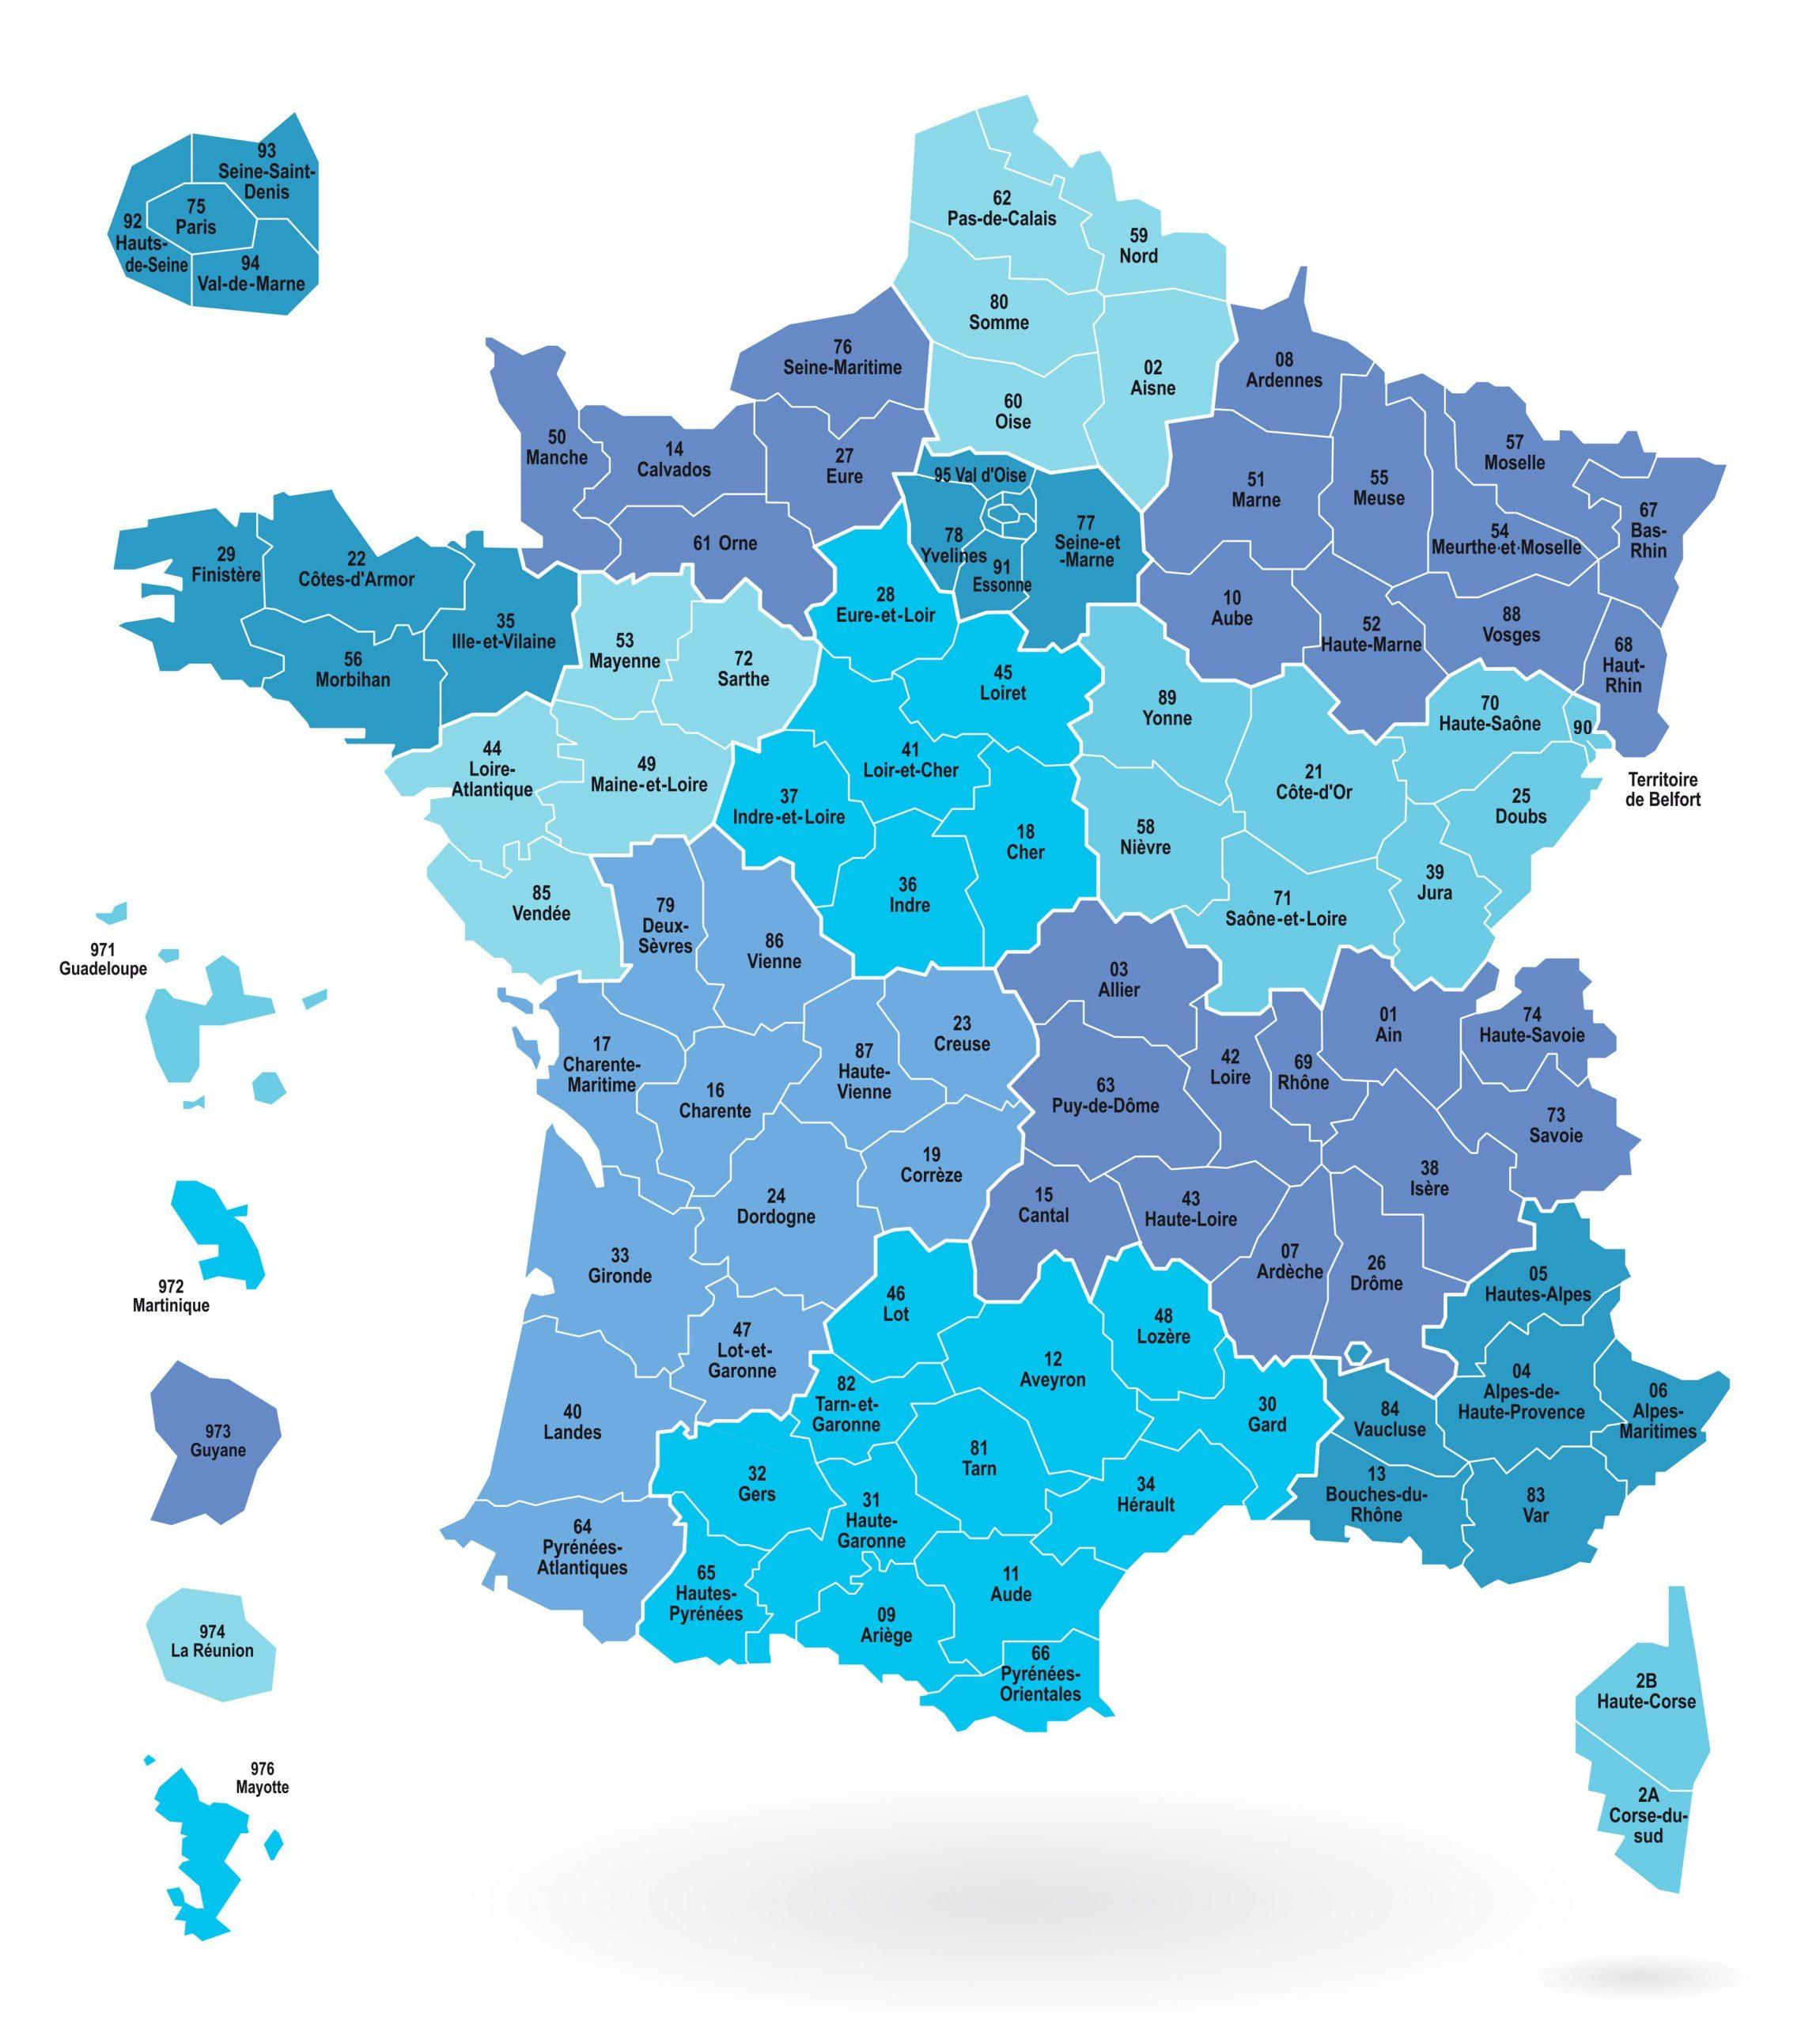 Cartes Des Départements Et Régions De La France - Cartes De pour Départements Et Régions De France